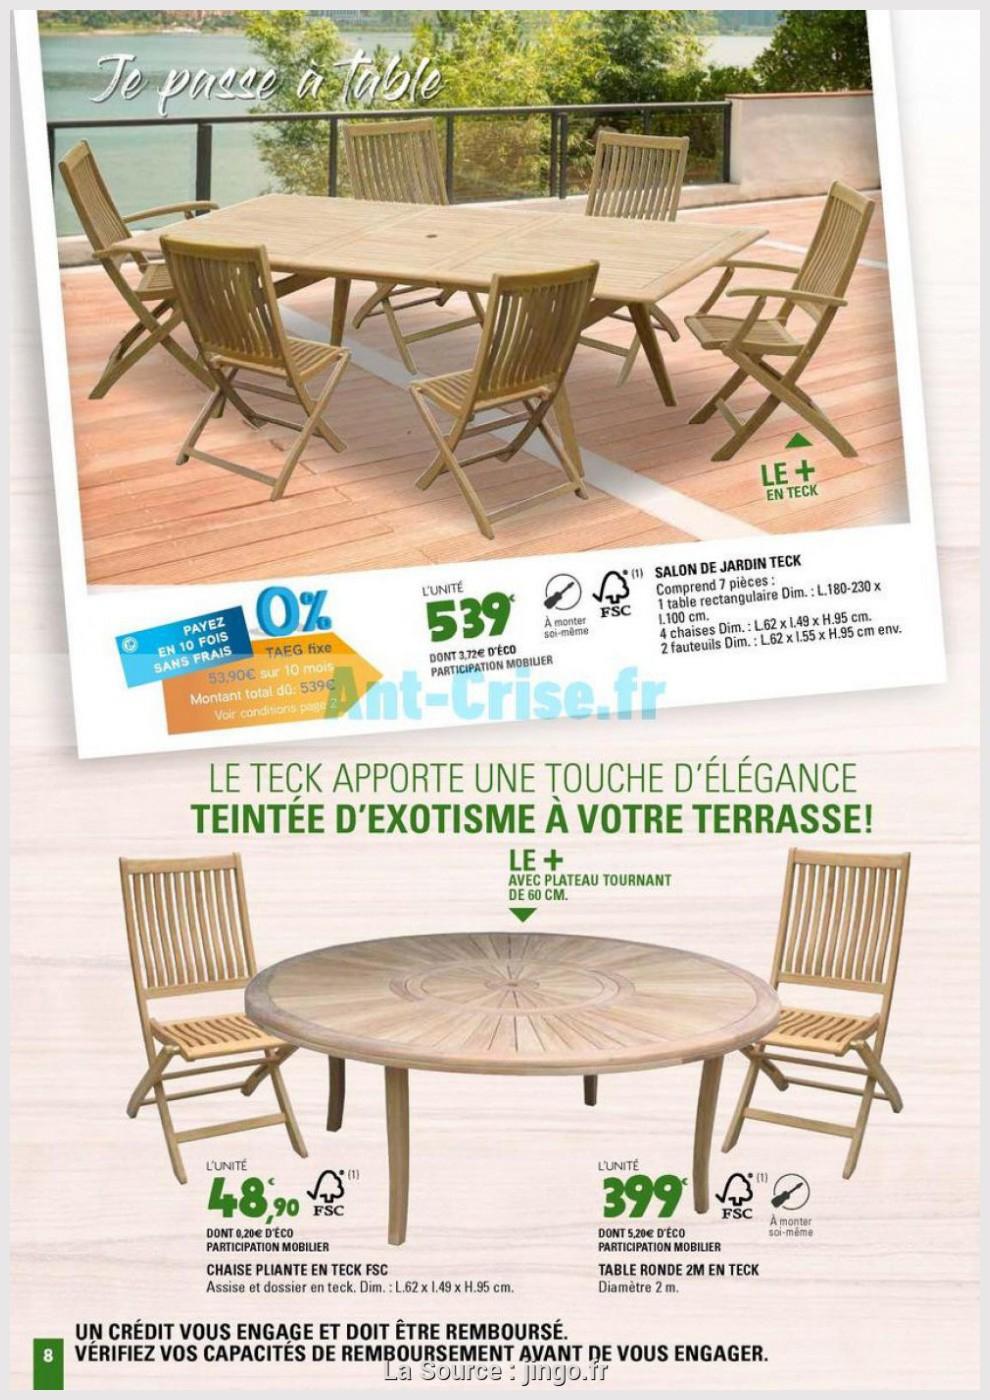 Jardin Belle Teck De Leclerc 2M 8 Table Ronde Sjzplugqmv avec Salon De Jardin Chez Leclerc